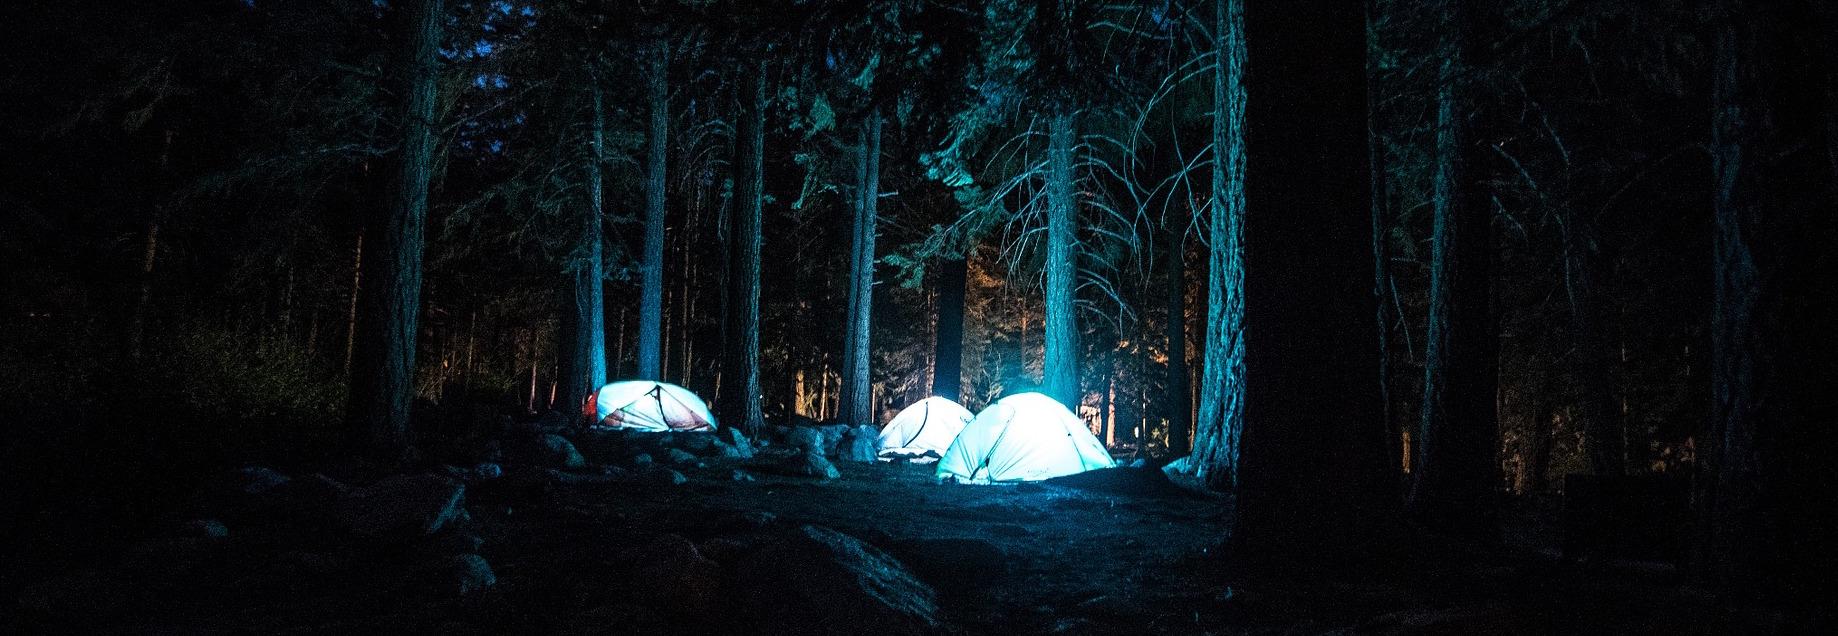 swamp-camping.jpg